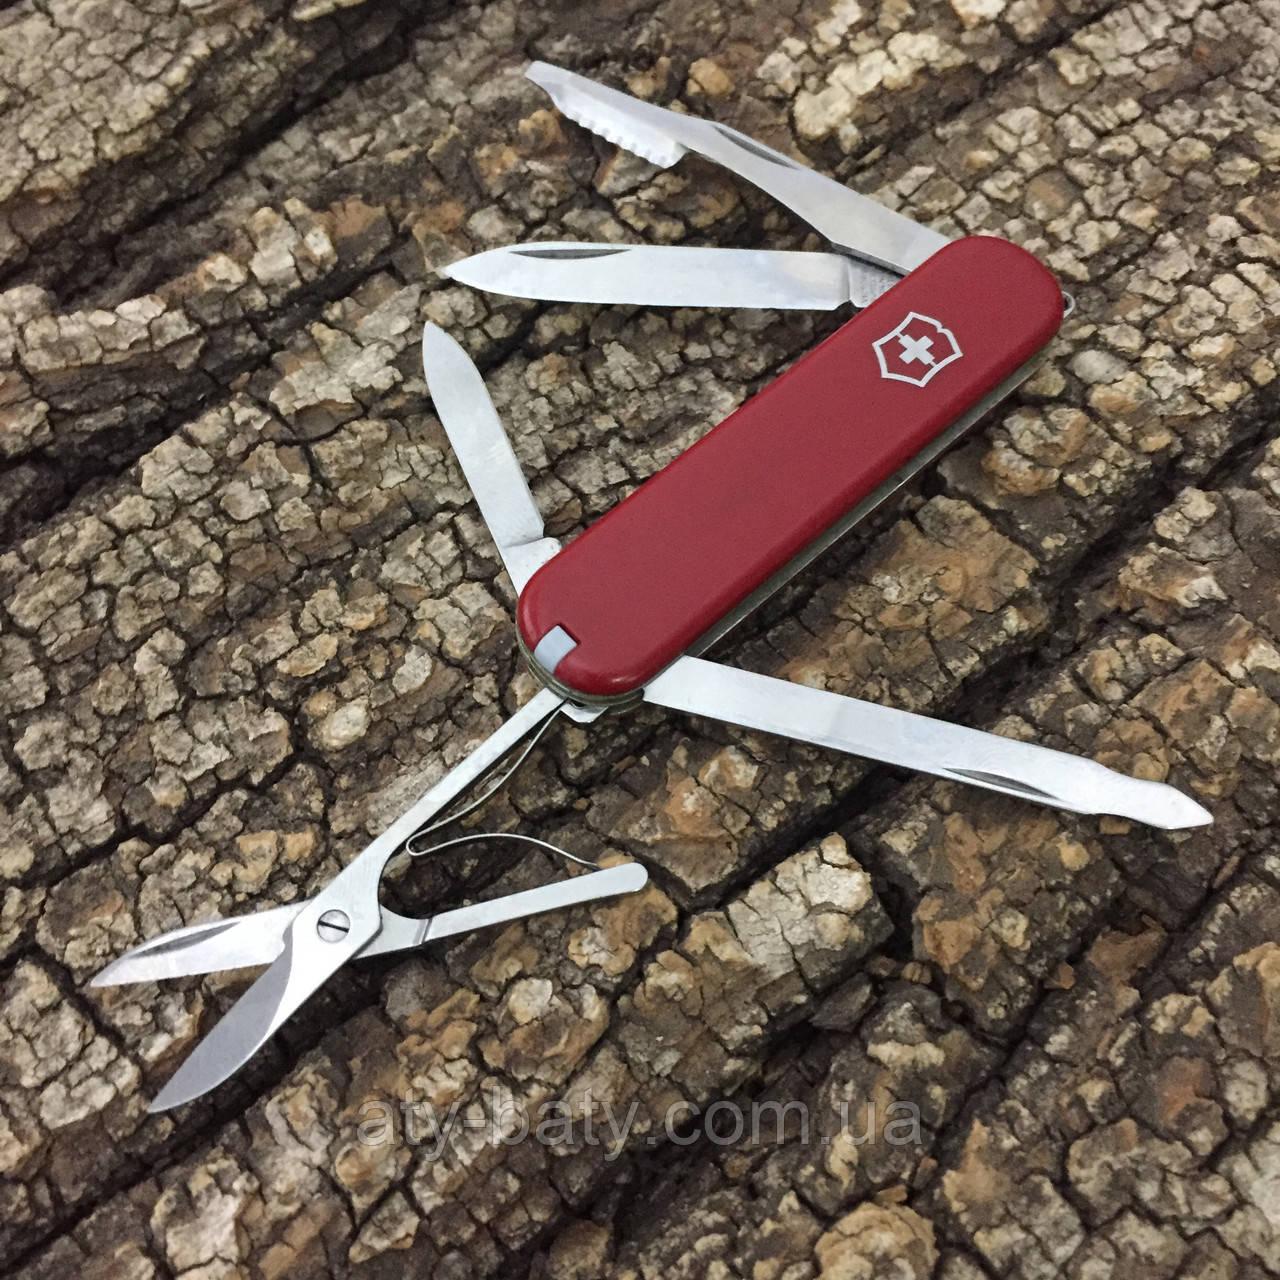 Нож Victorinox Executive 0.6603 красный (Б/У)